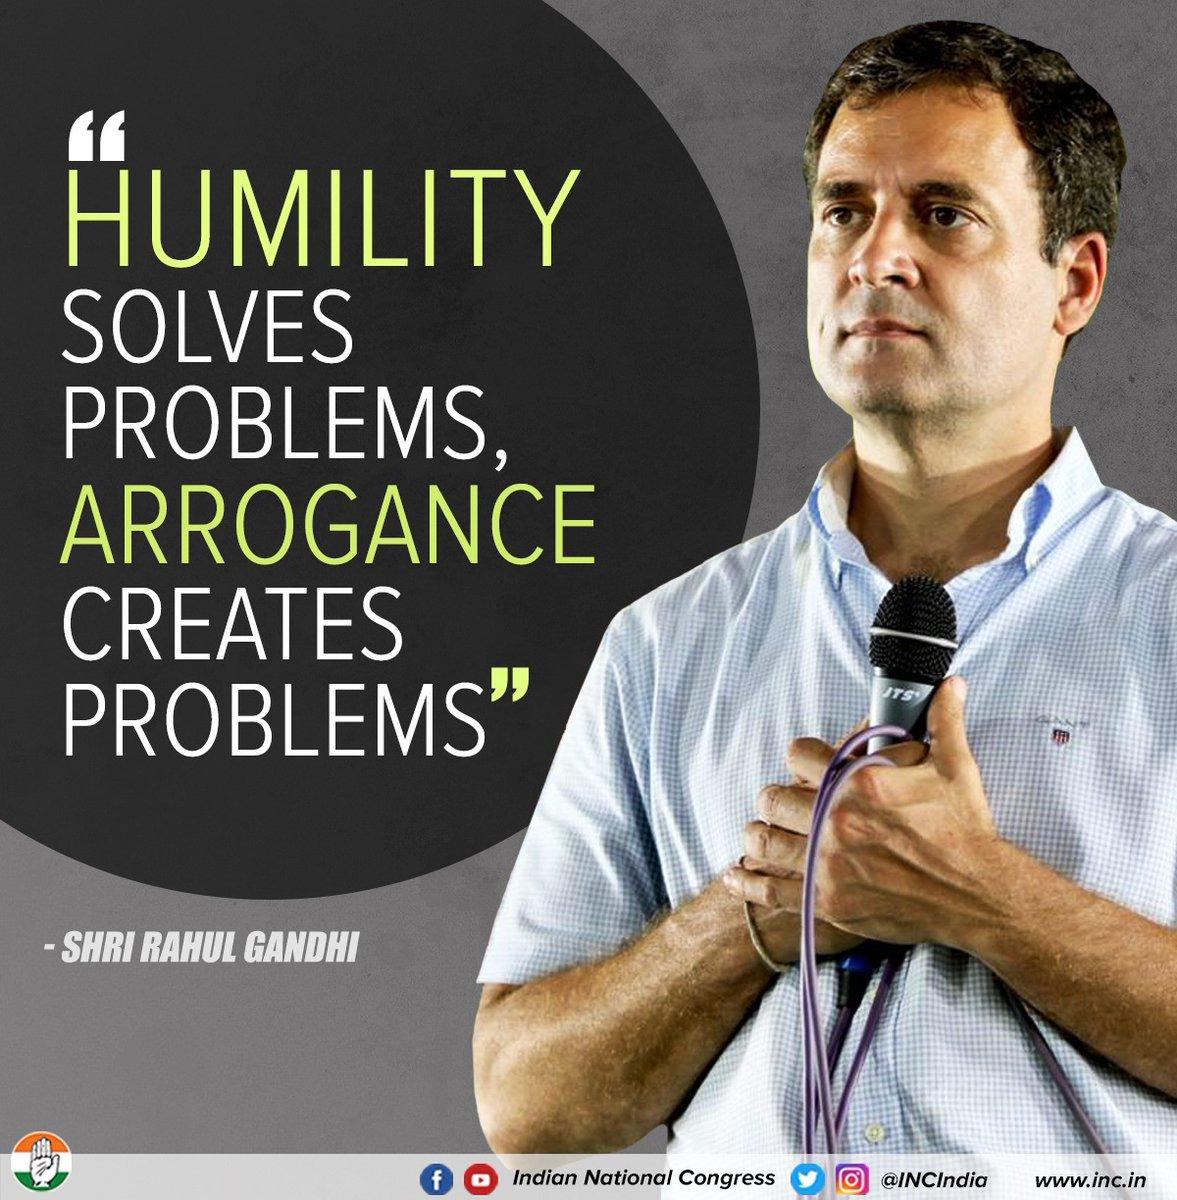 विनम्रता समस्याओं का समाधान करती है, अहंकार समस्याओं का निर्माण : श्री @RahulGandhi  #TNwithRahulGandhi